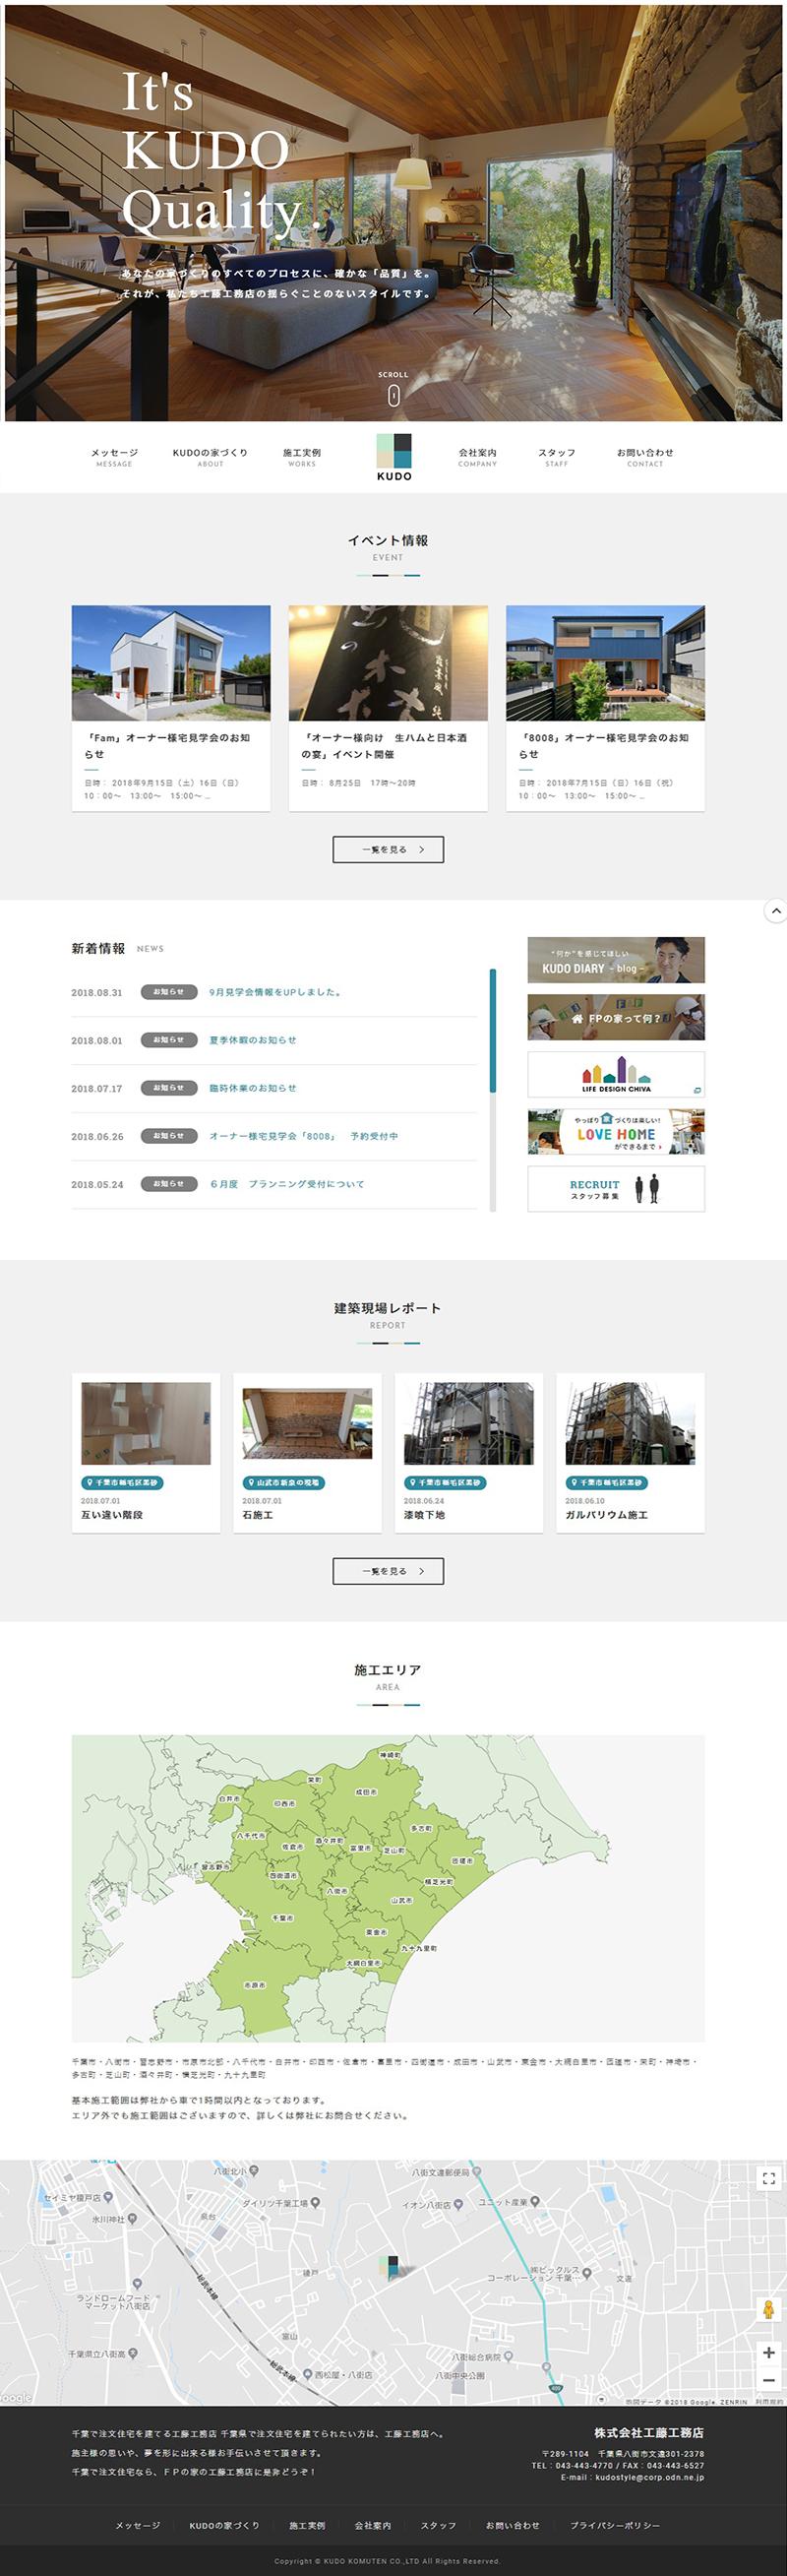 工藤工務店PC版イメージ